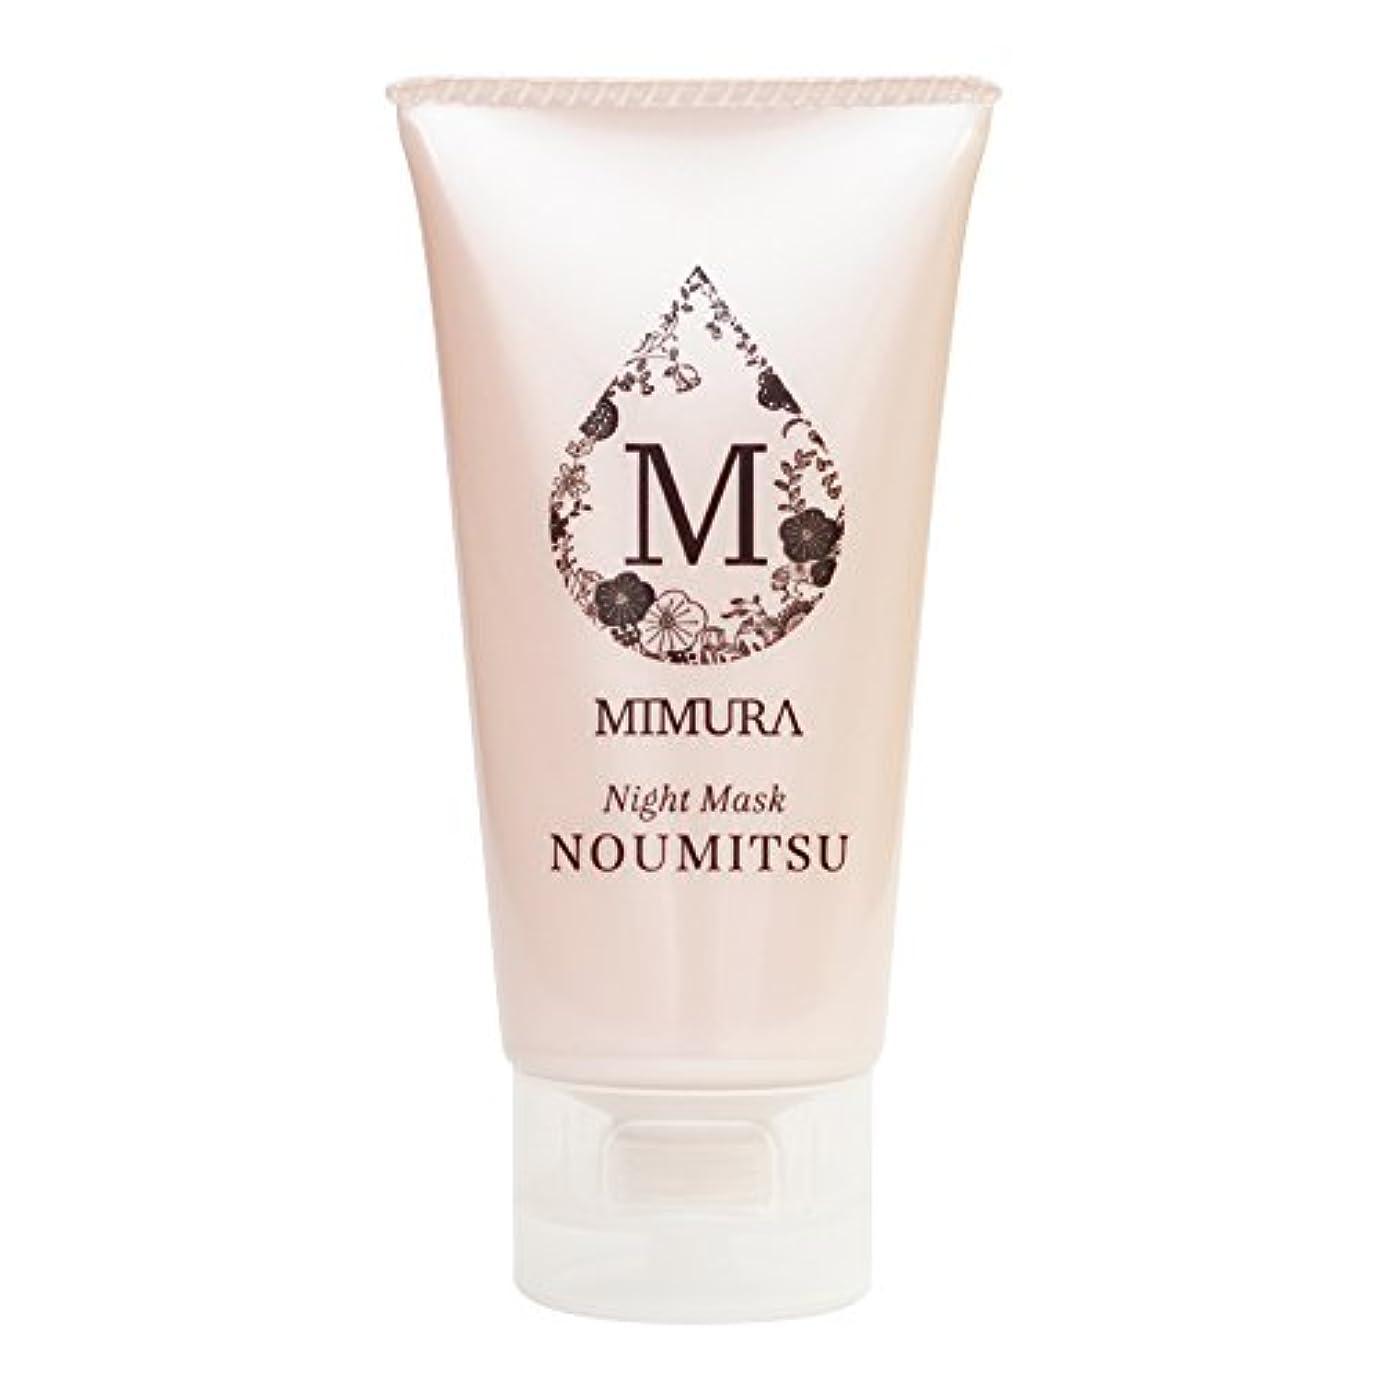 日帰り旅行にリンク統合ナイトケアクリーム 保湿 顔 用 ミムラ ナイトマスク NOUMITSU 48g MIMURA 乾燥肌 日本製